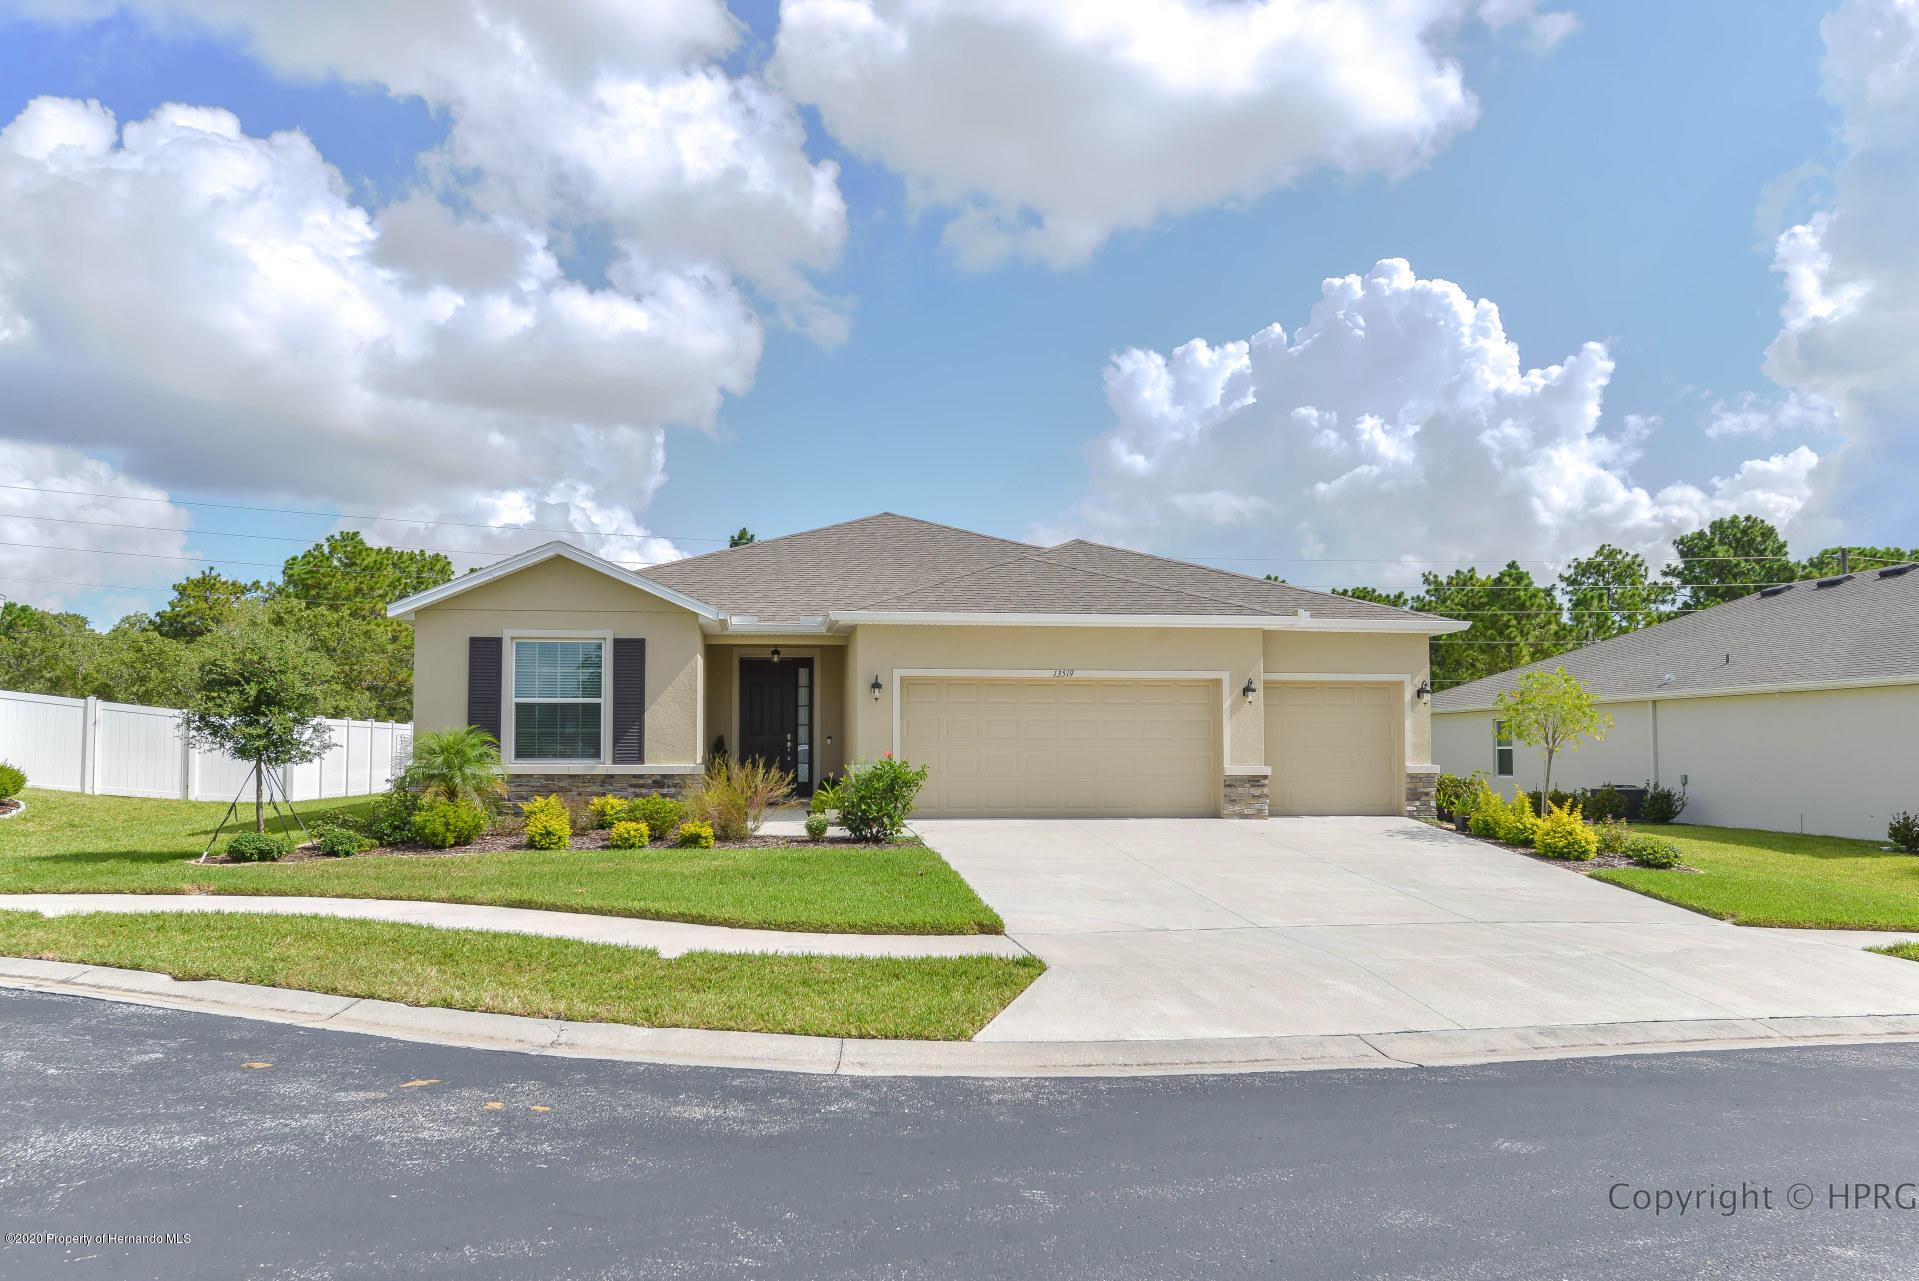 Details for 13519 Blythewood Drive, Spring Hill, FL 34609